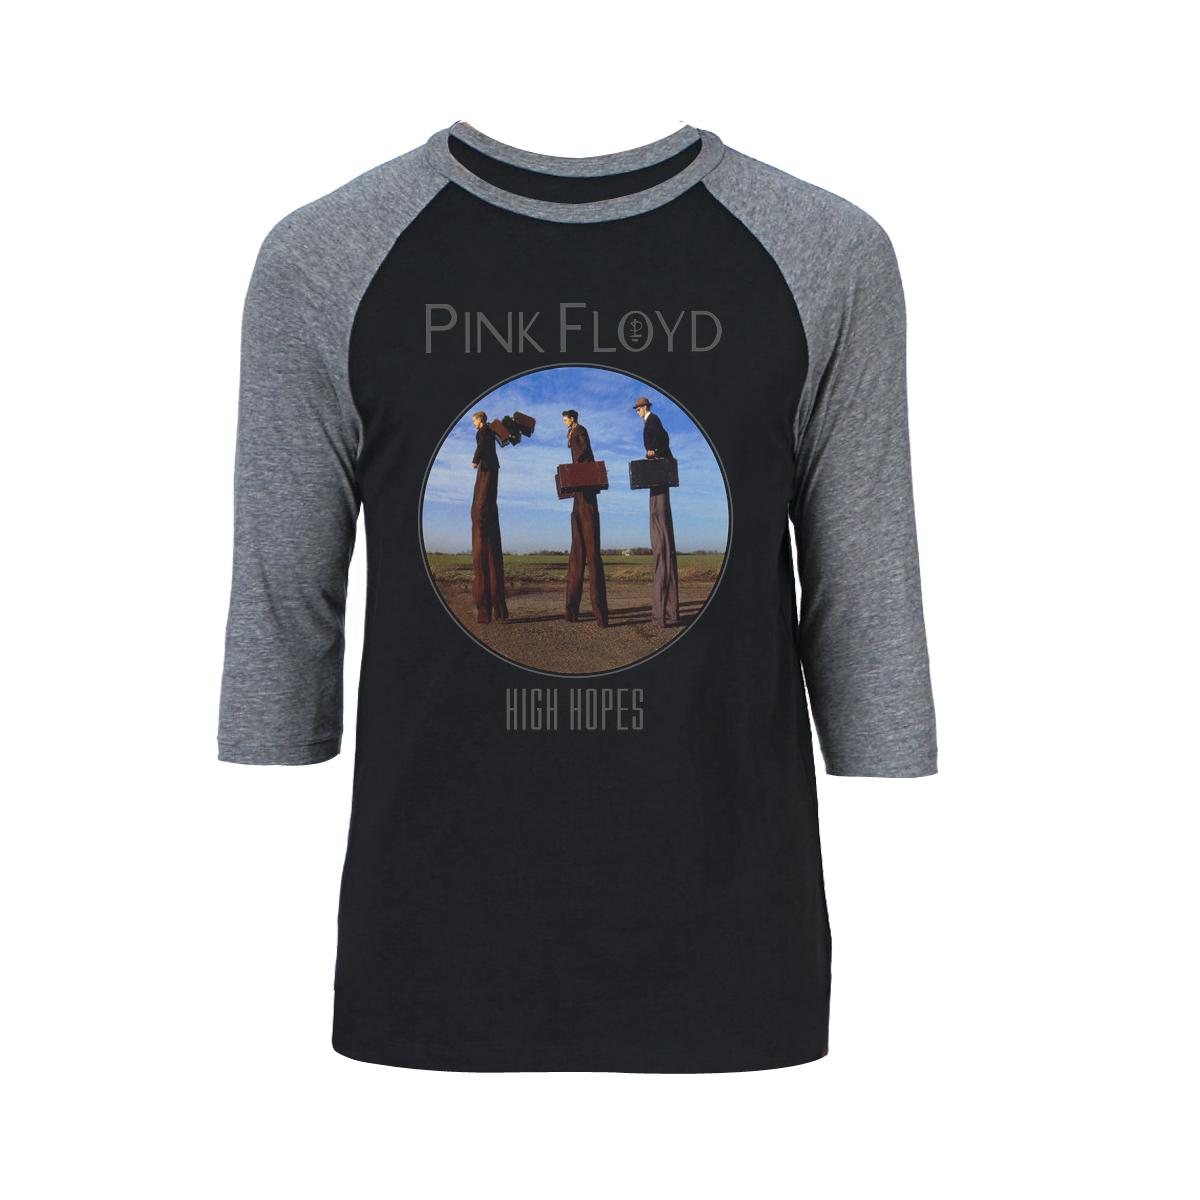 Pink Floyd High Hopes Raglan Exclusive